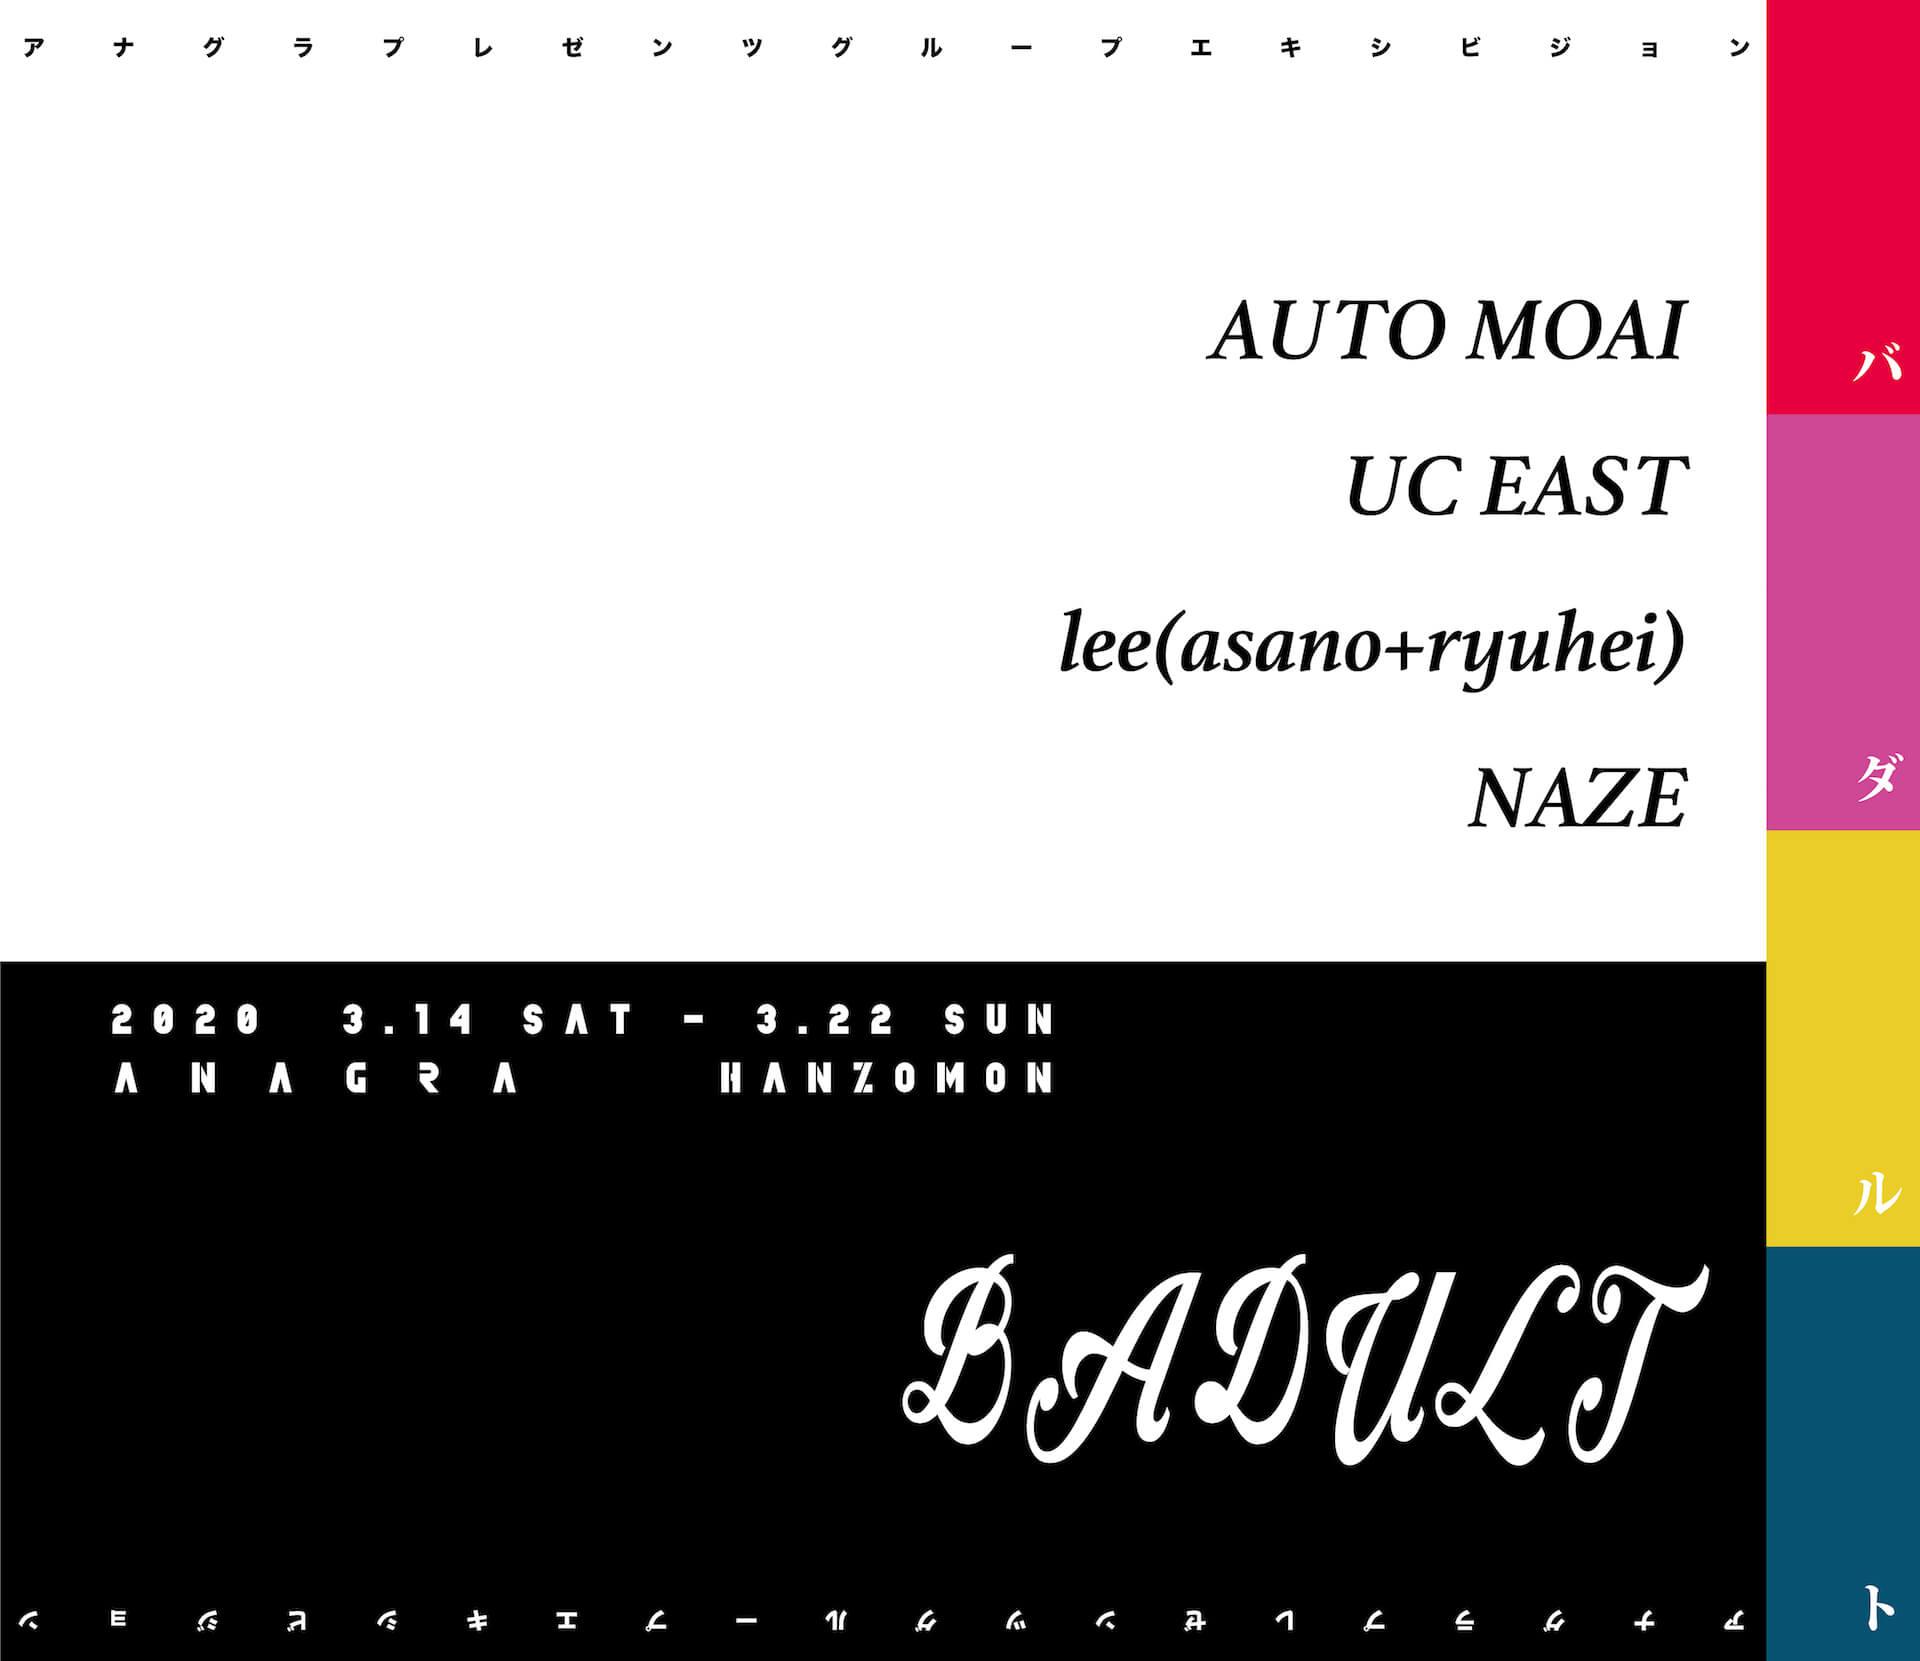 「悪い、不完全な大人」をテーマにした展示<BADULT>がANAGRAにて開催|AUTO MOAI、UC EAST、lee(asano+ryuhei)、NAZEが参加 art-culture200312-anagra-badult